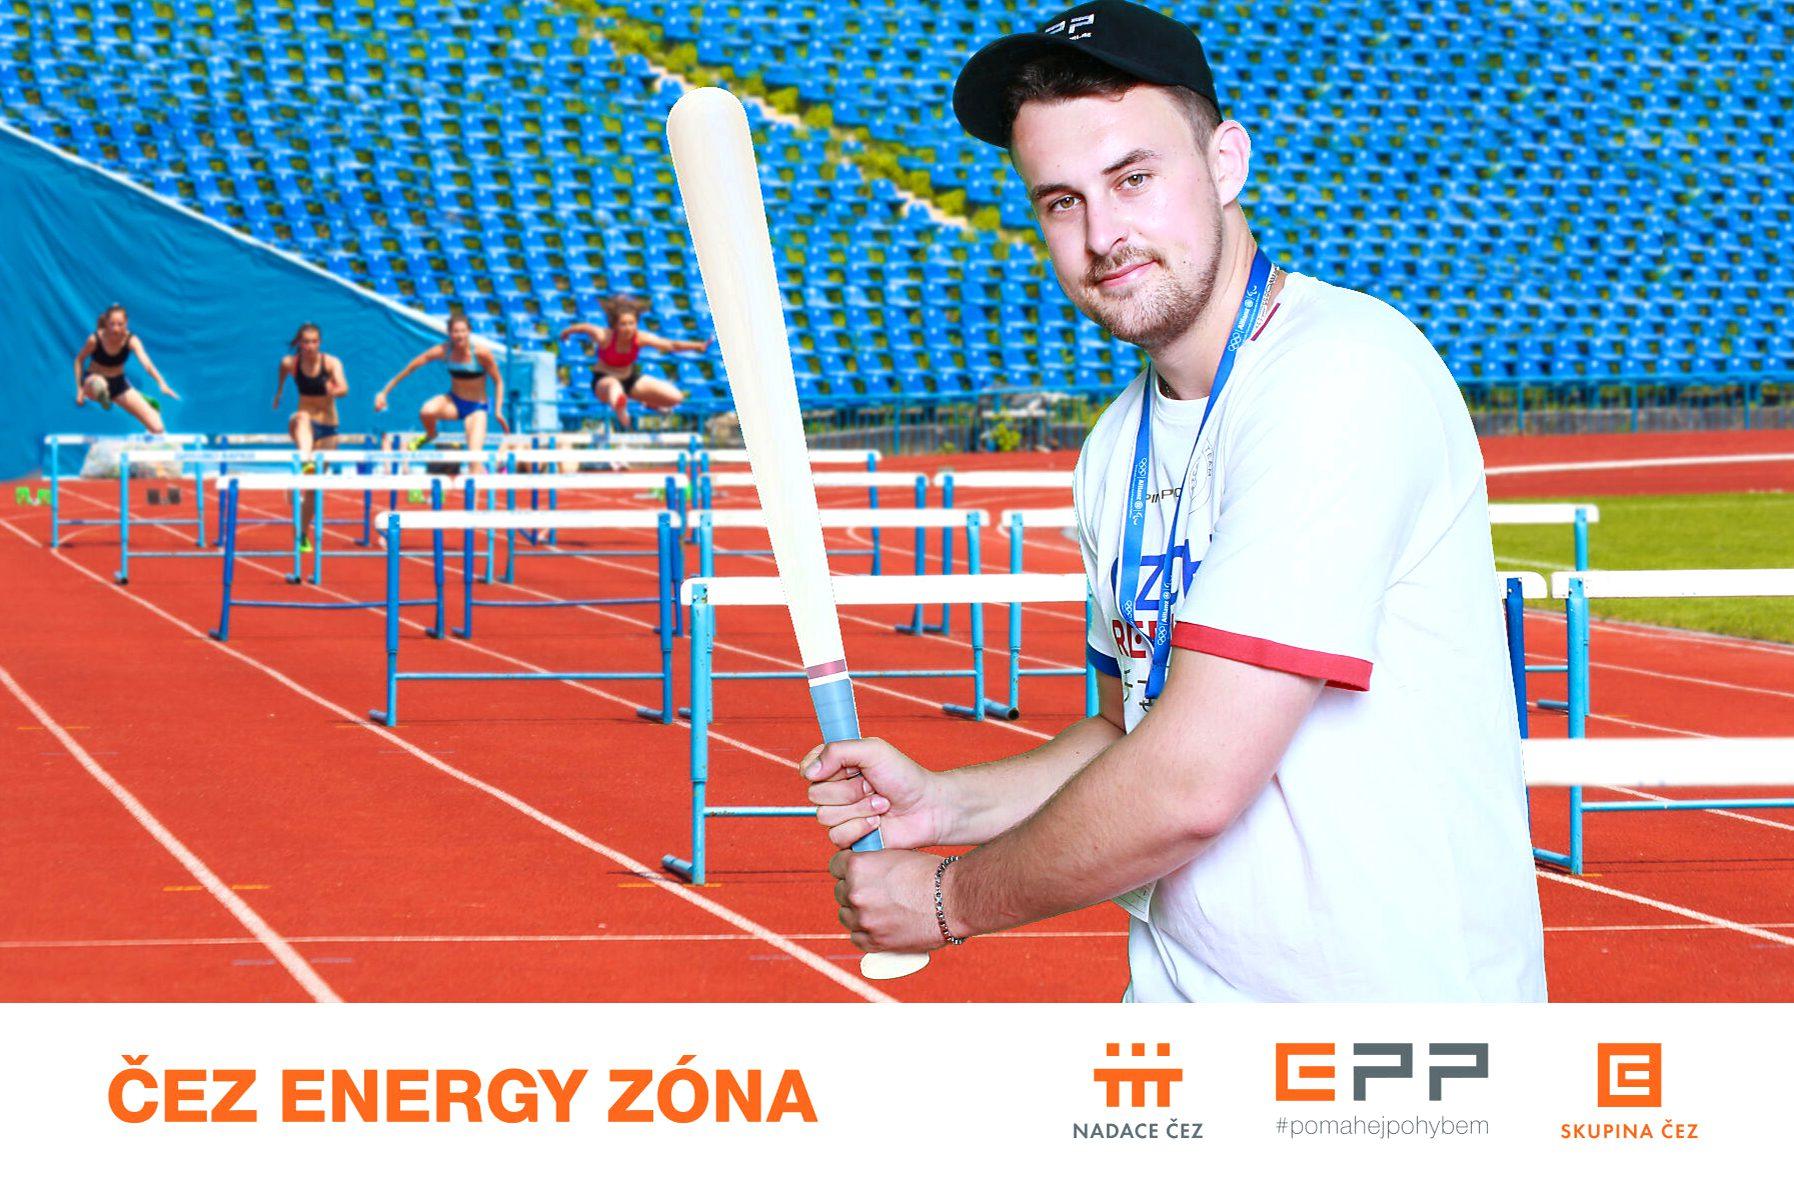 fotokoutek-olympijsky-festival-olympijsky-festival-cez-energy-zona-25-7-2021-738157